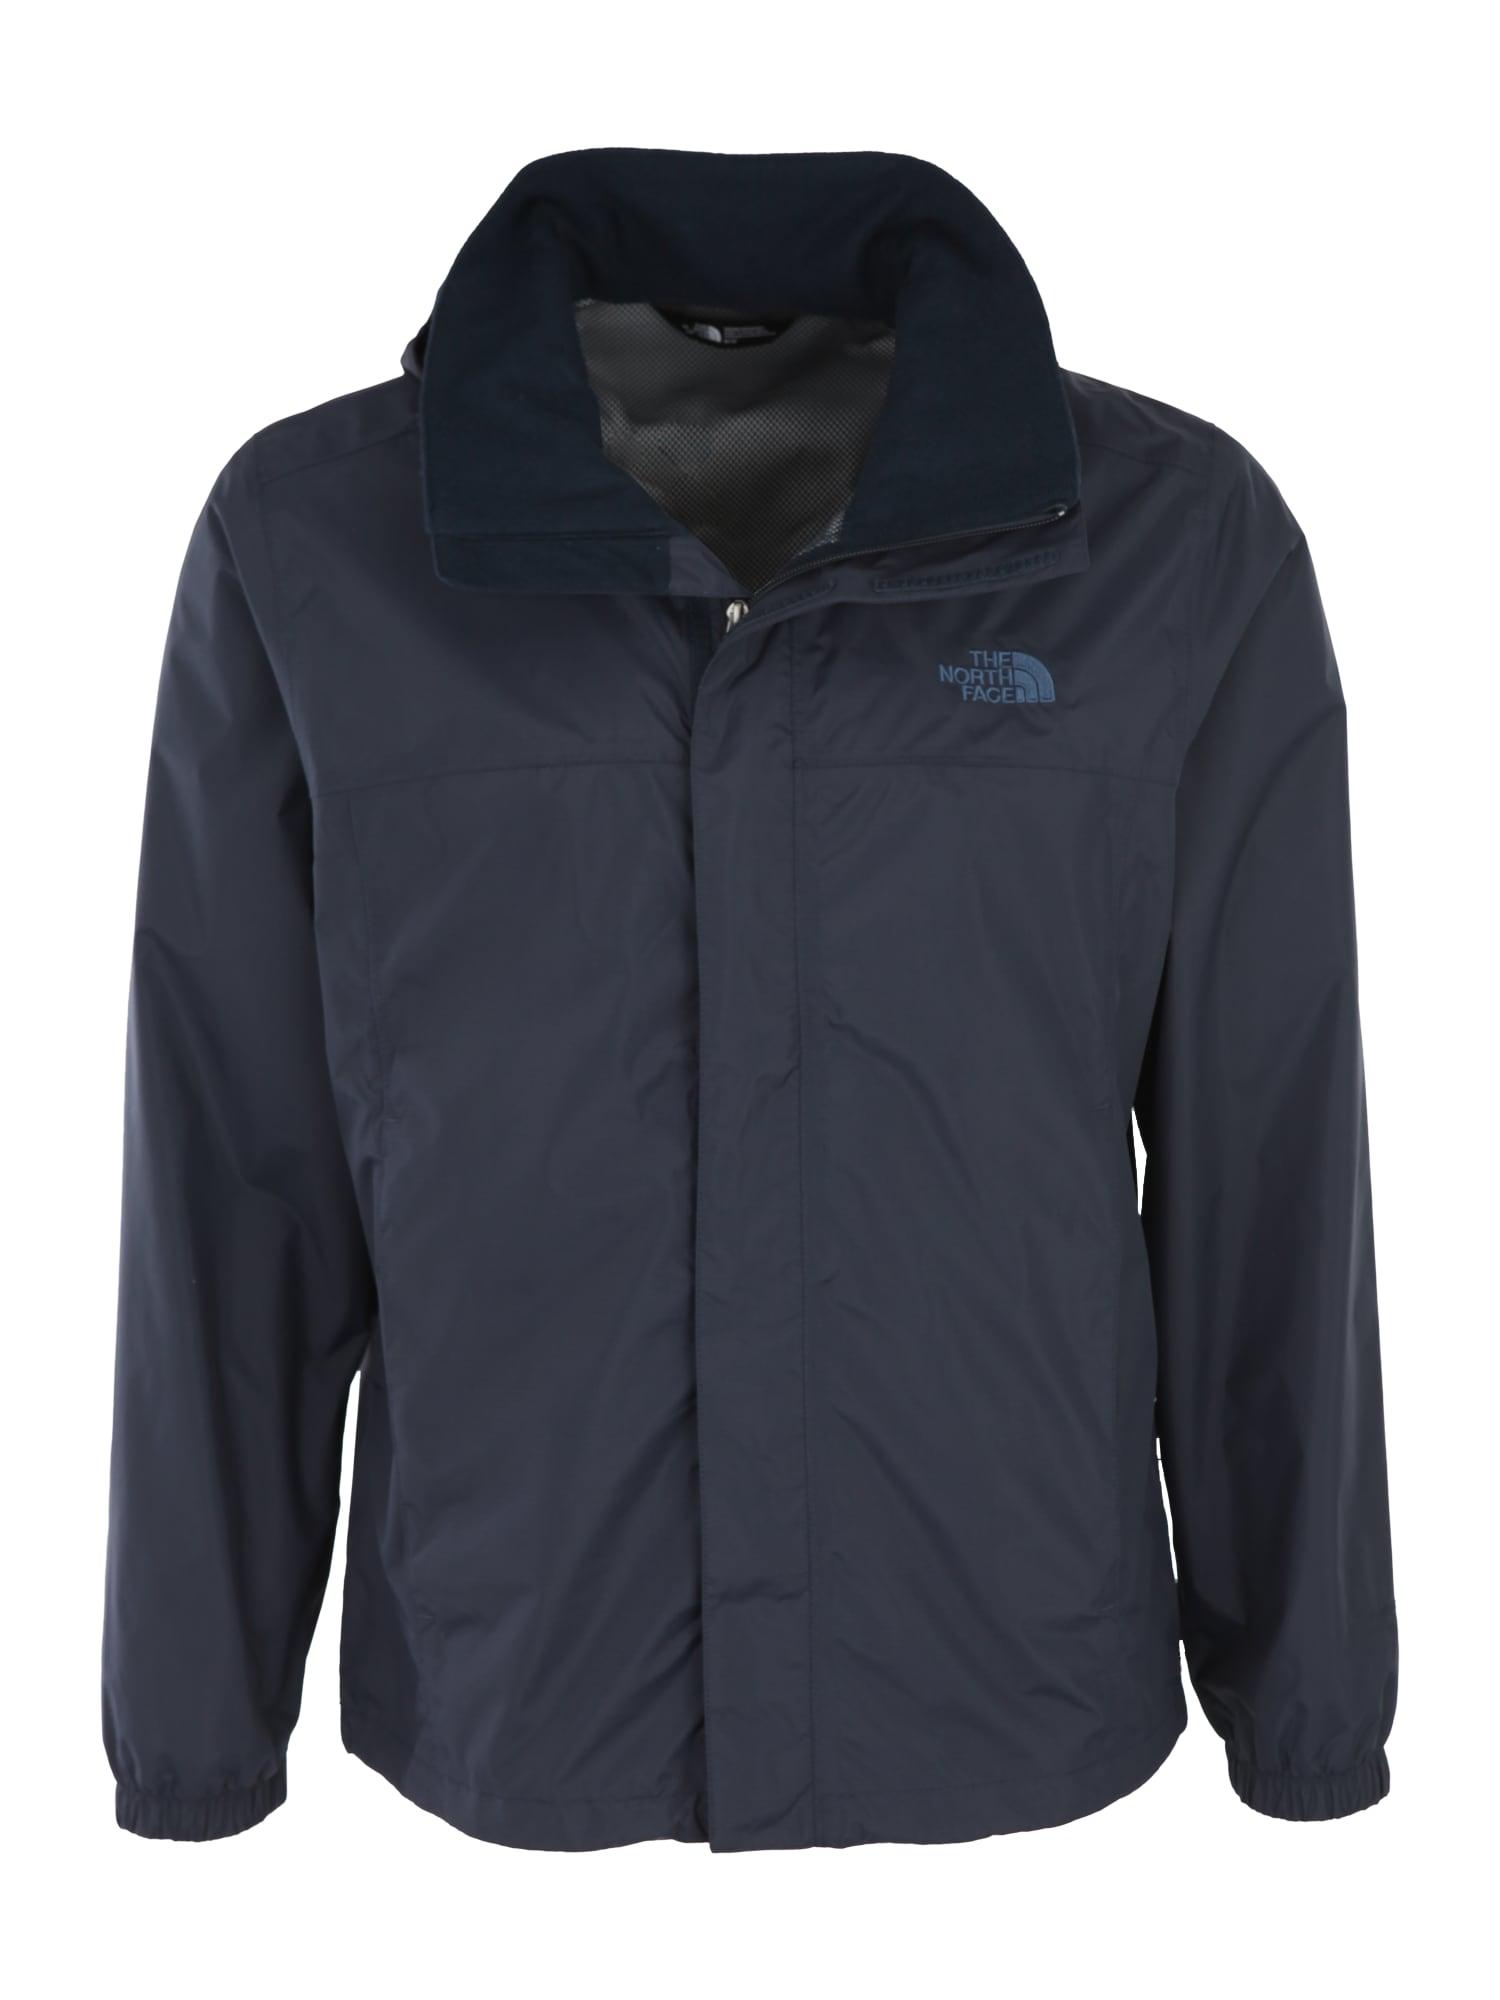 Sportovní bunda Resolve 2 námořnická modř THE NORTH FACE